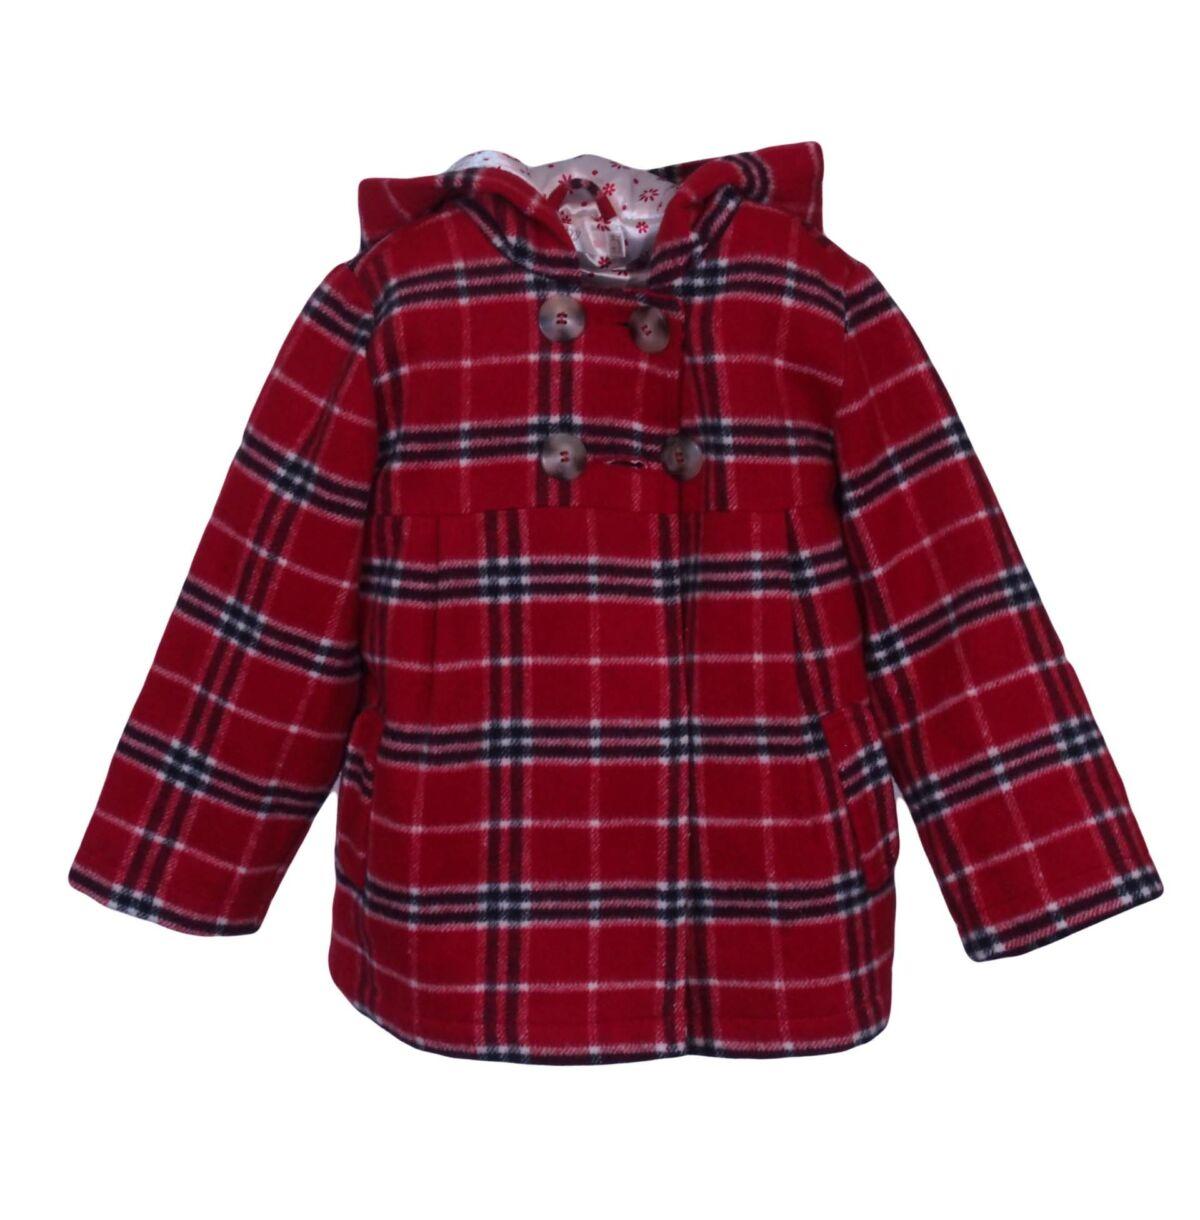 6fb2c7d003 Kabátok, mellények Gyerekeknek - Okosanya Webáruház - 4. oldal